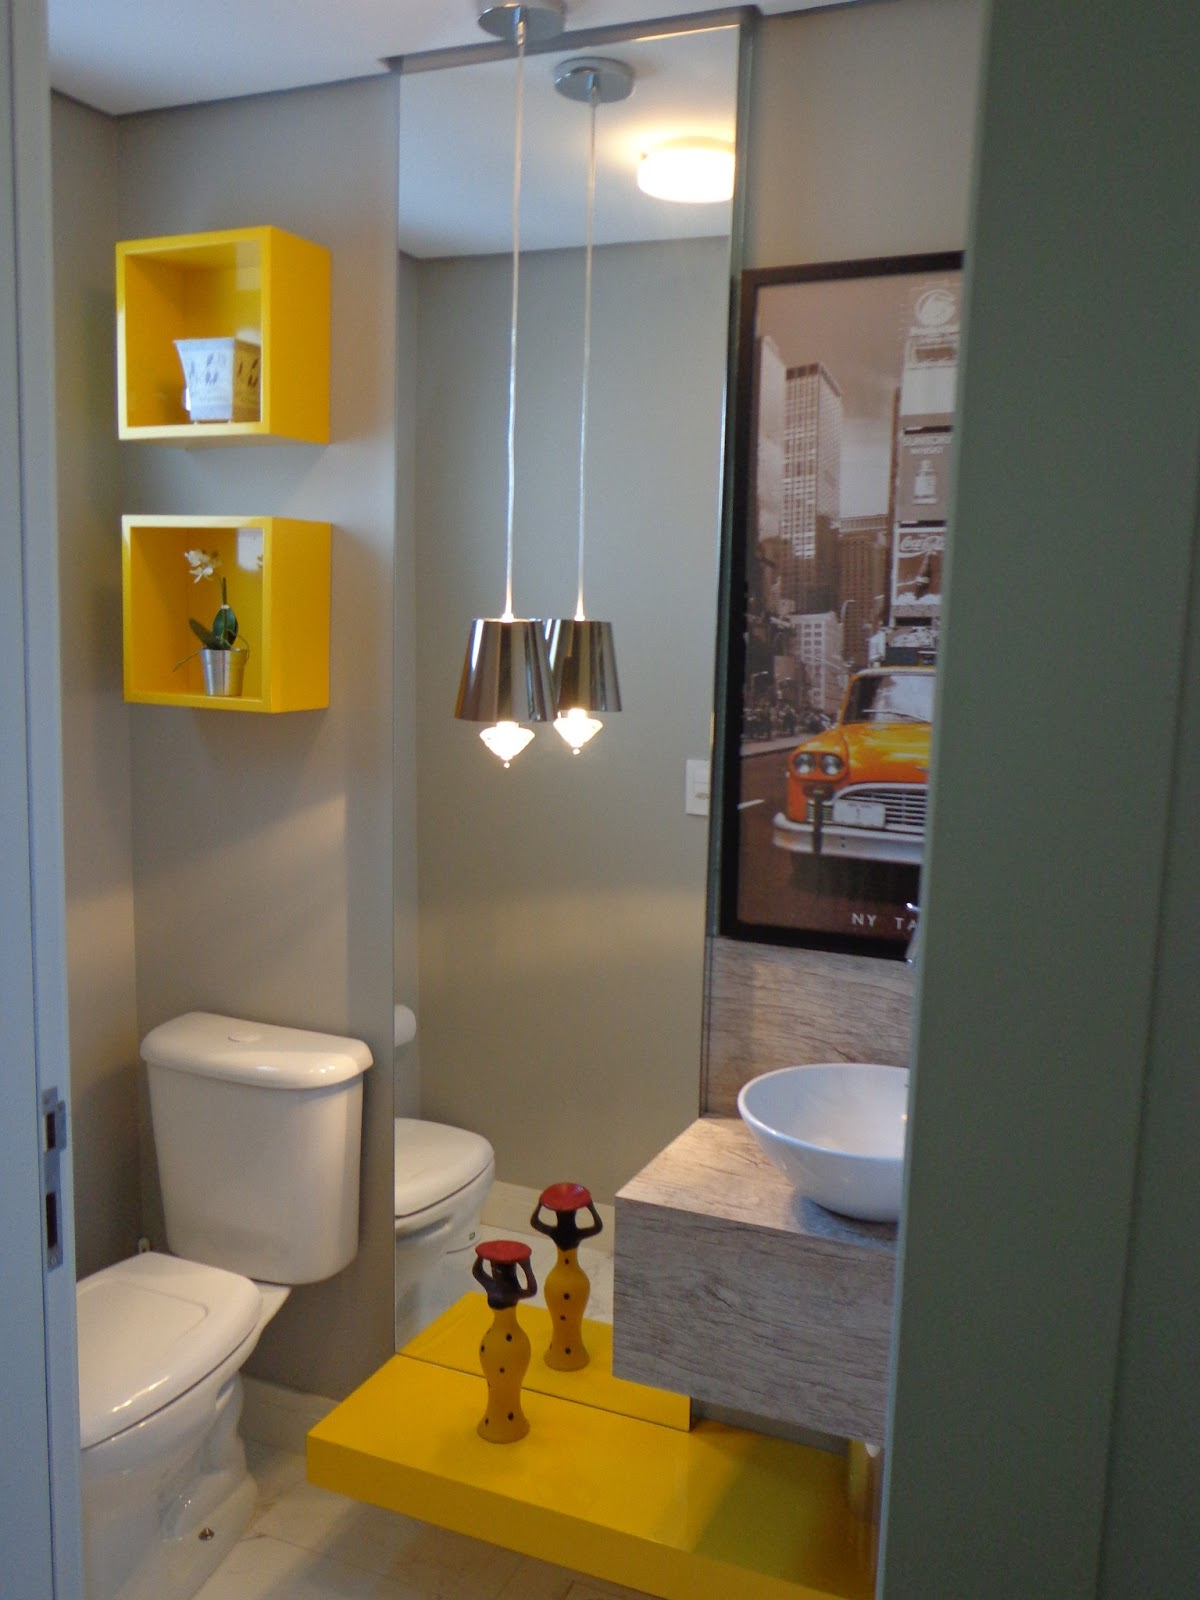 Noivos em Apuros: Sweet Home: Amarelo seu lindo #3 Banheiro #BA8604 1200x1600 Banheiro Branco E Azul